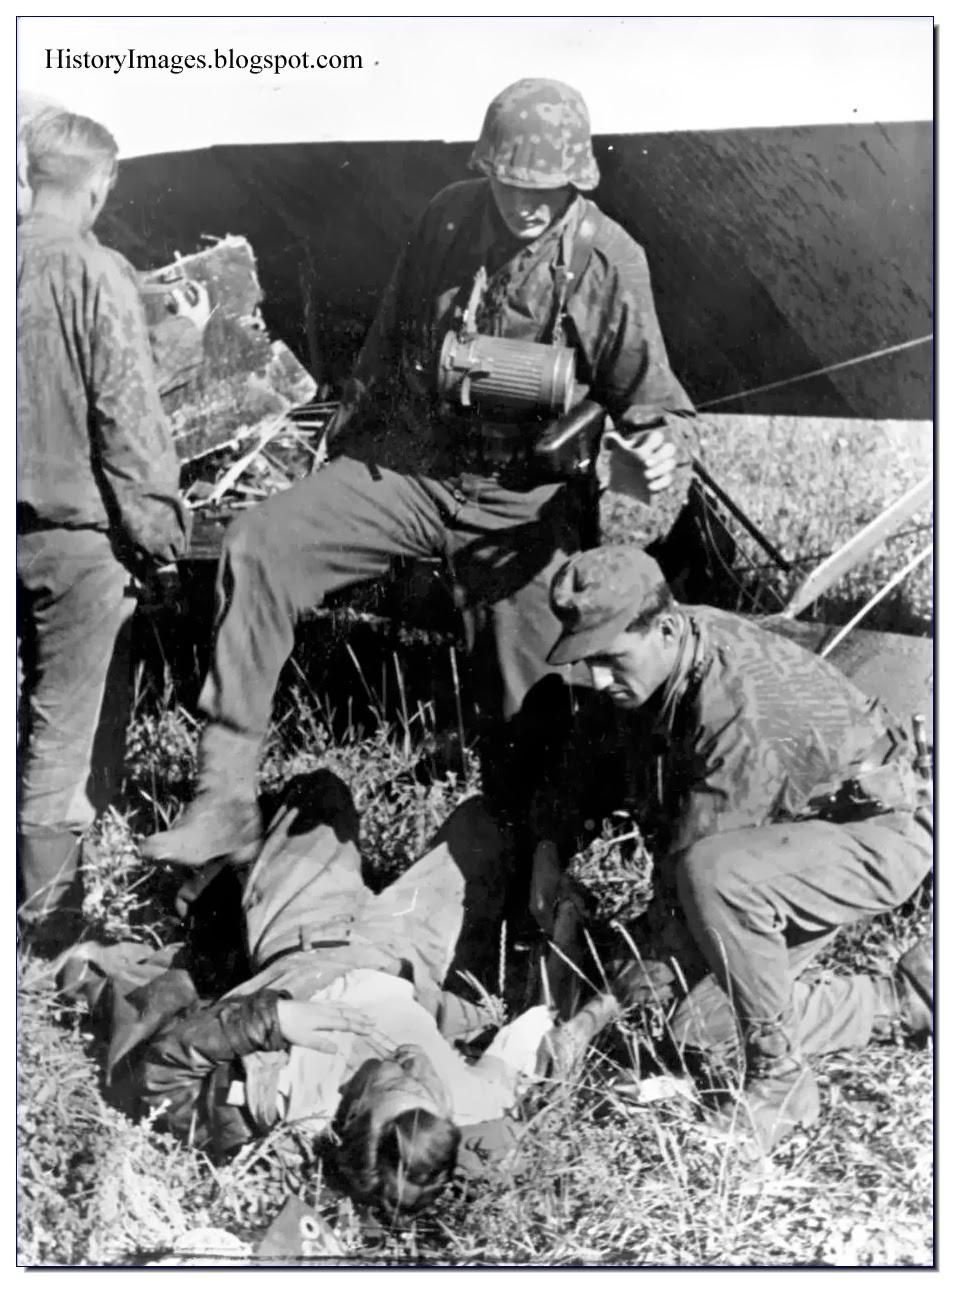 Rare WW2 Images